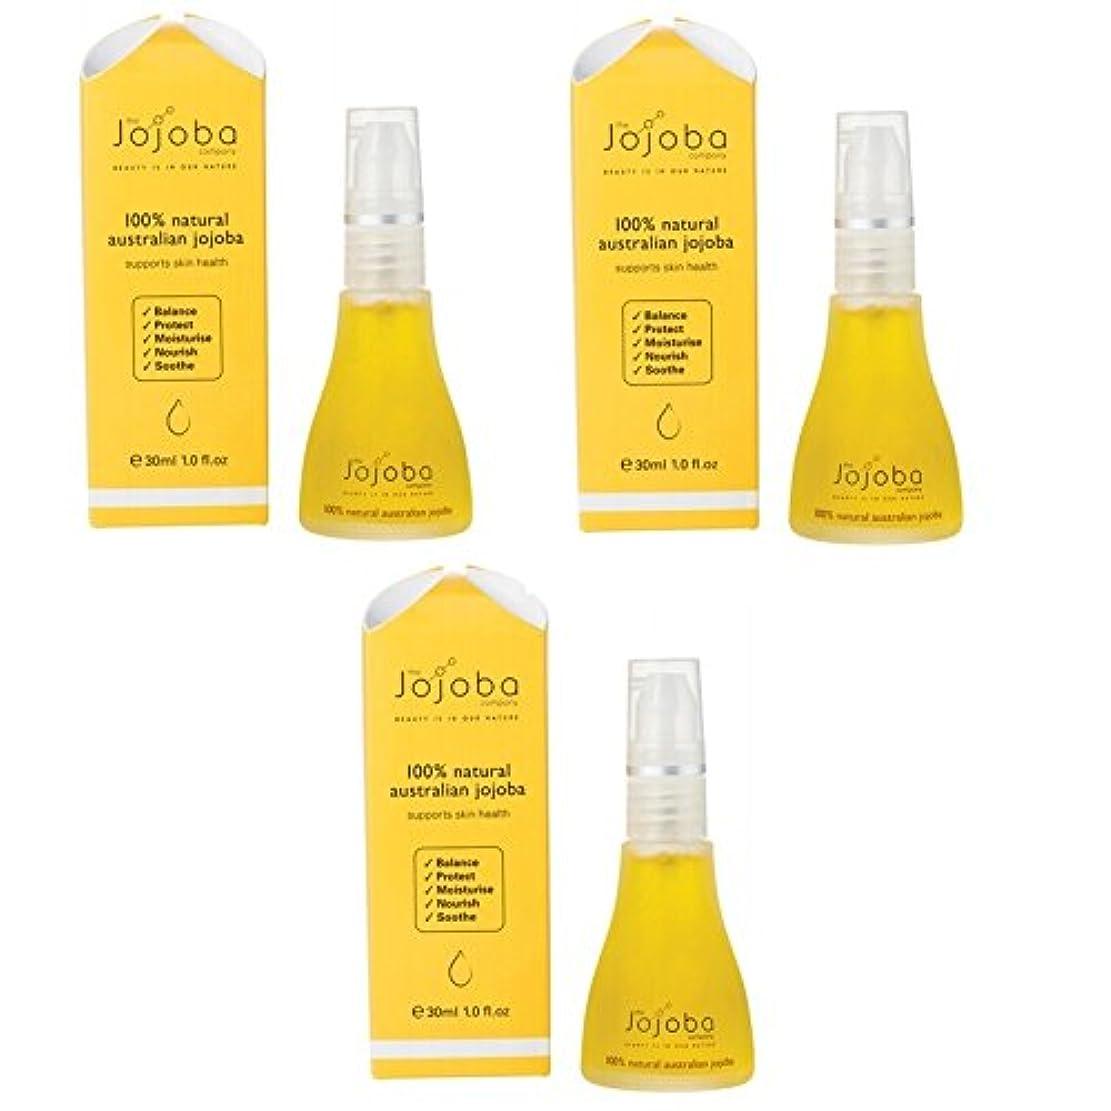 砂のまっすぐ進捗the Jojoba Company 100% Natural Australian Jojoba Oil 30ml 3本セット [海外直送品]